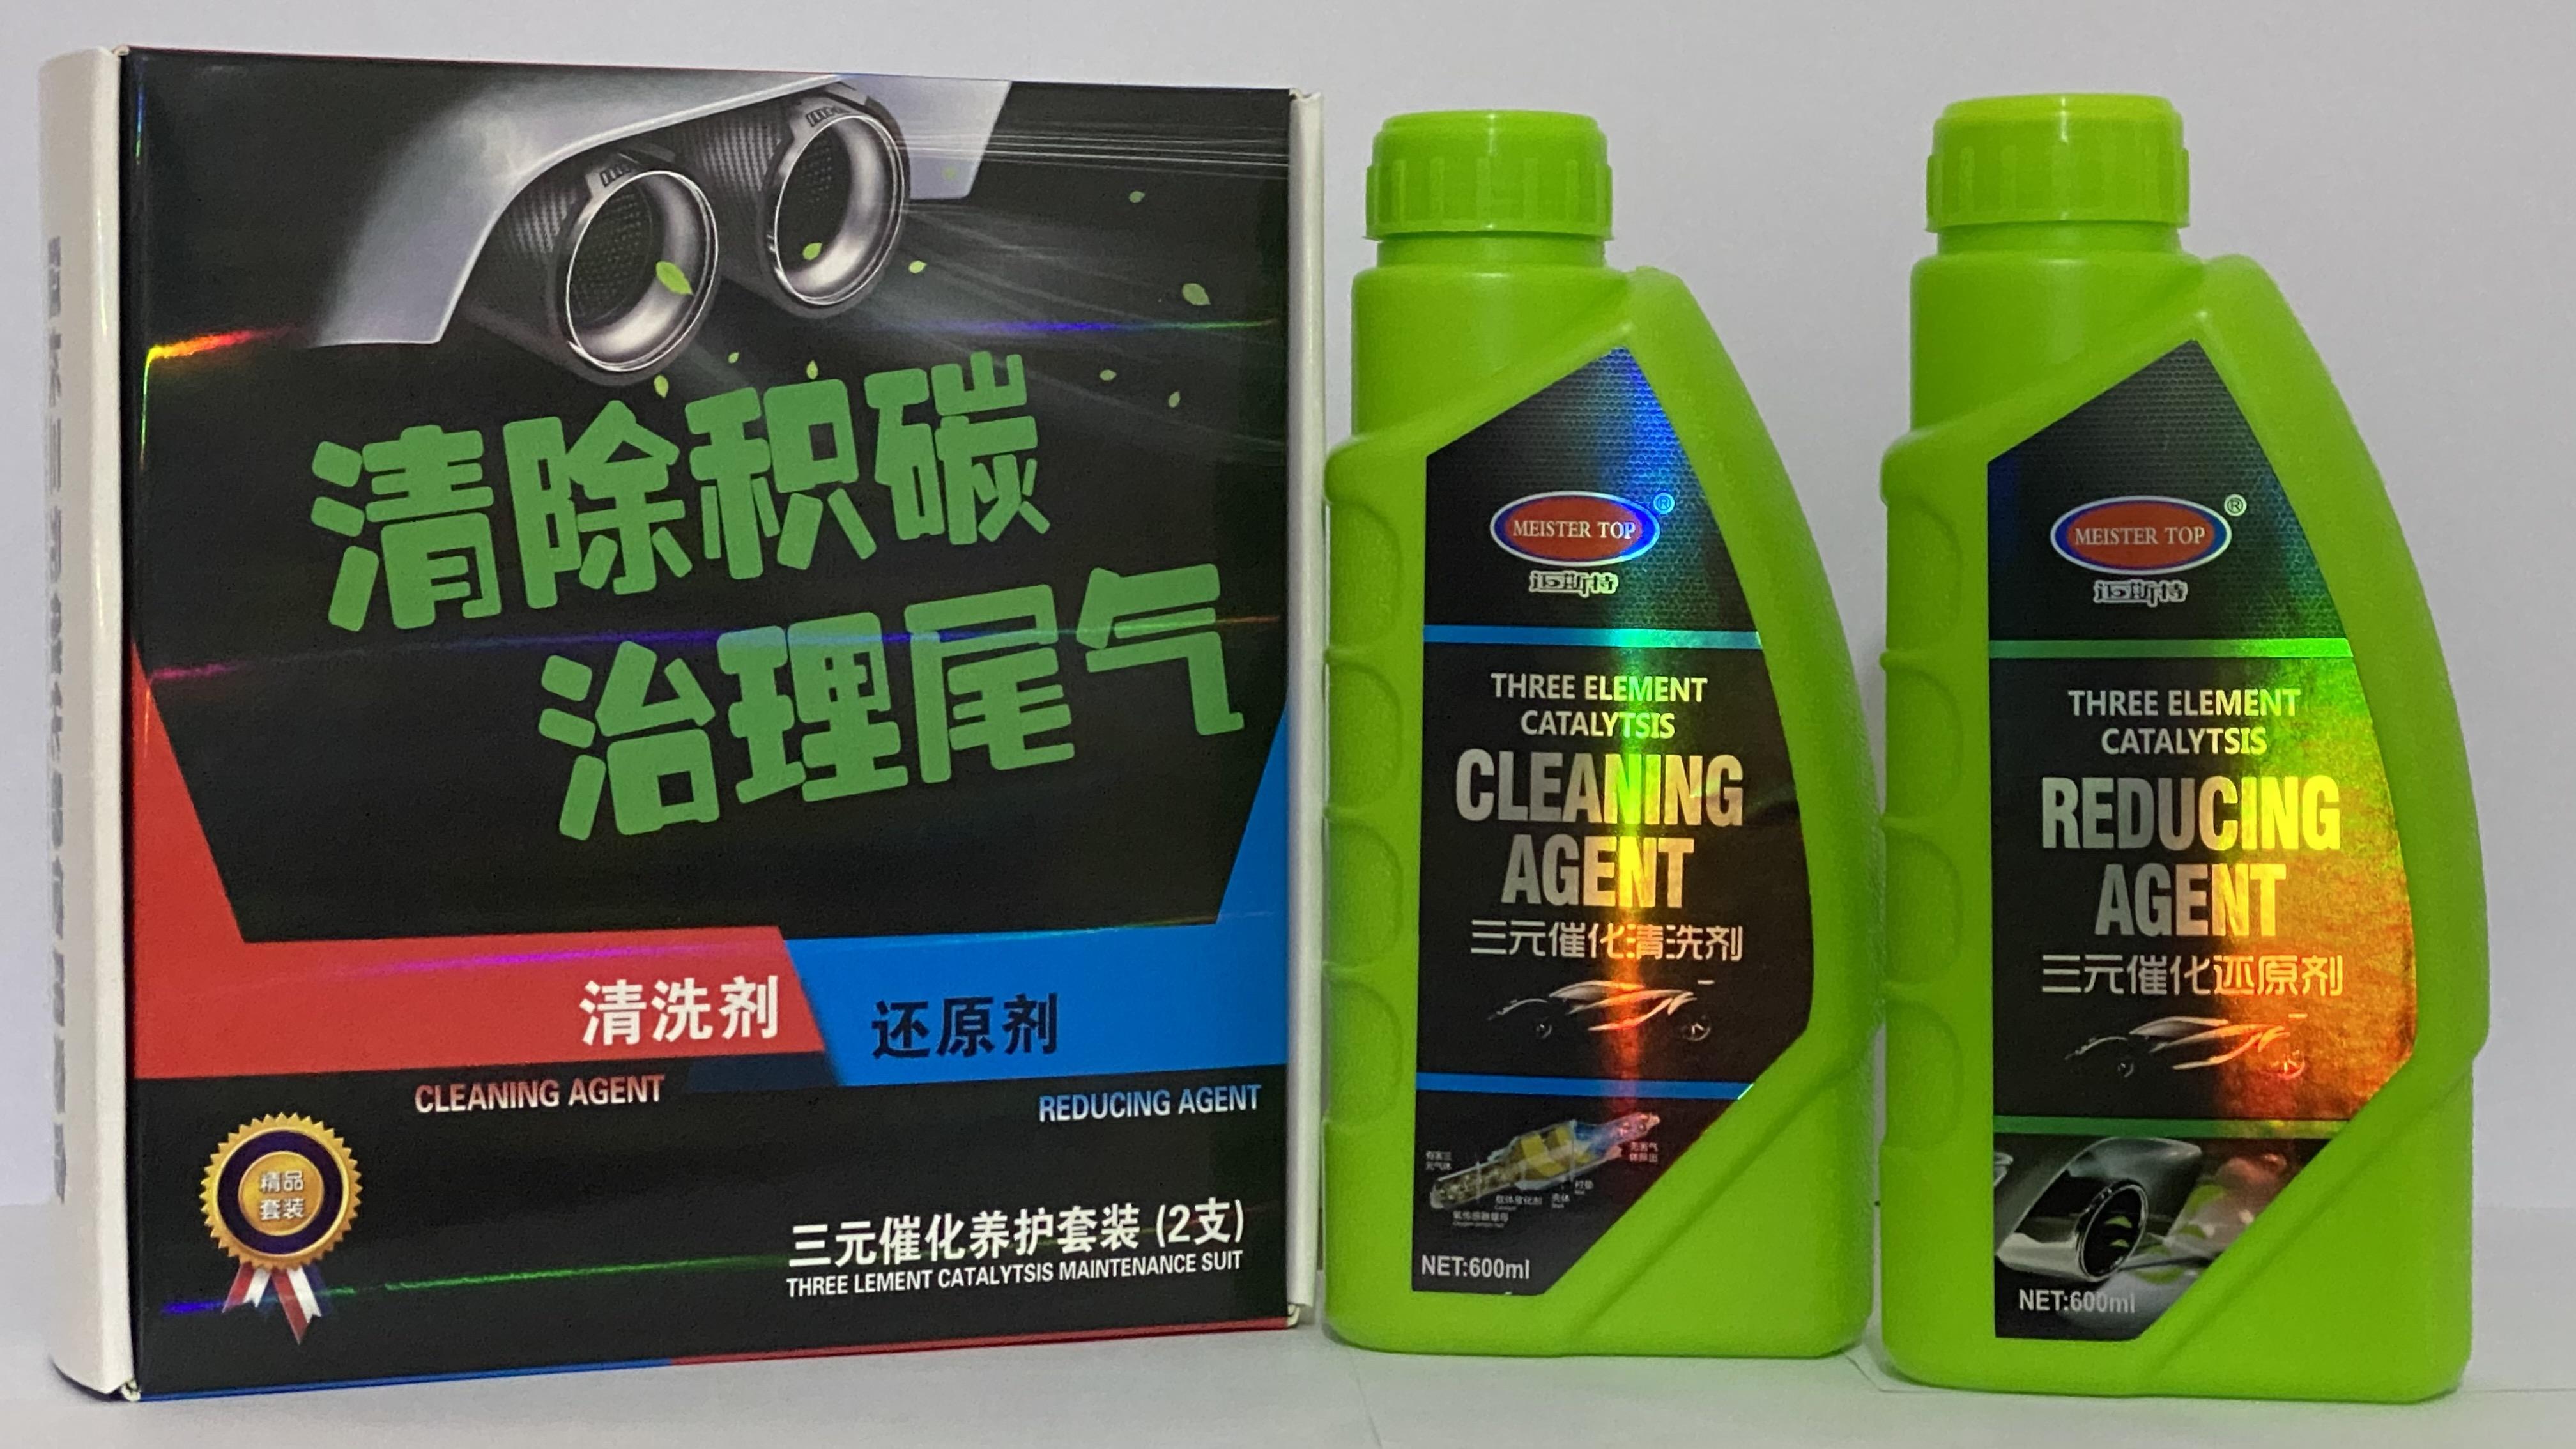 三元催化器清洗剂/三元清洗剂的作用/燃烧室除碳剂清理积碳的作用